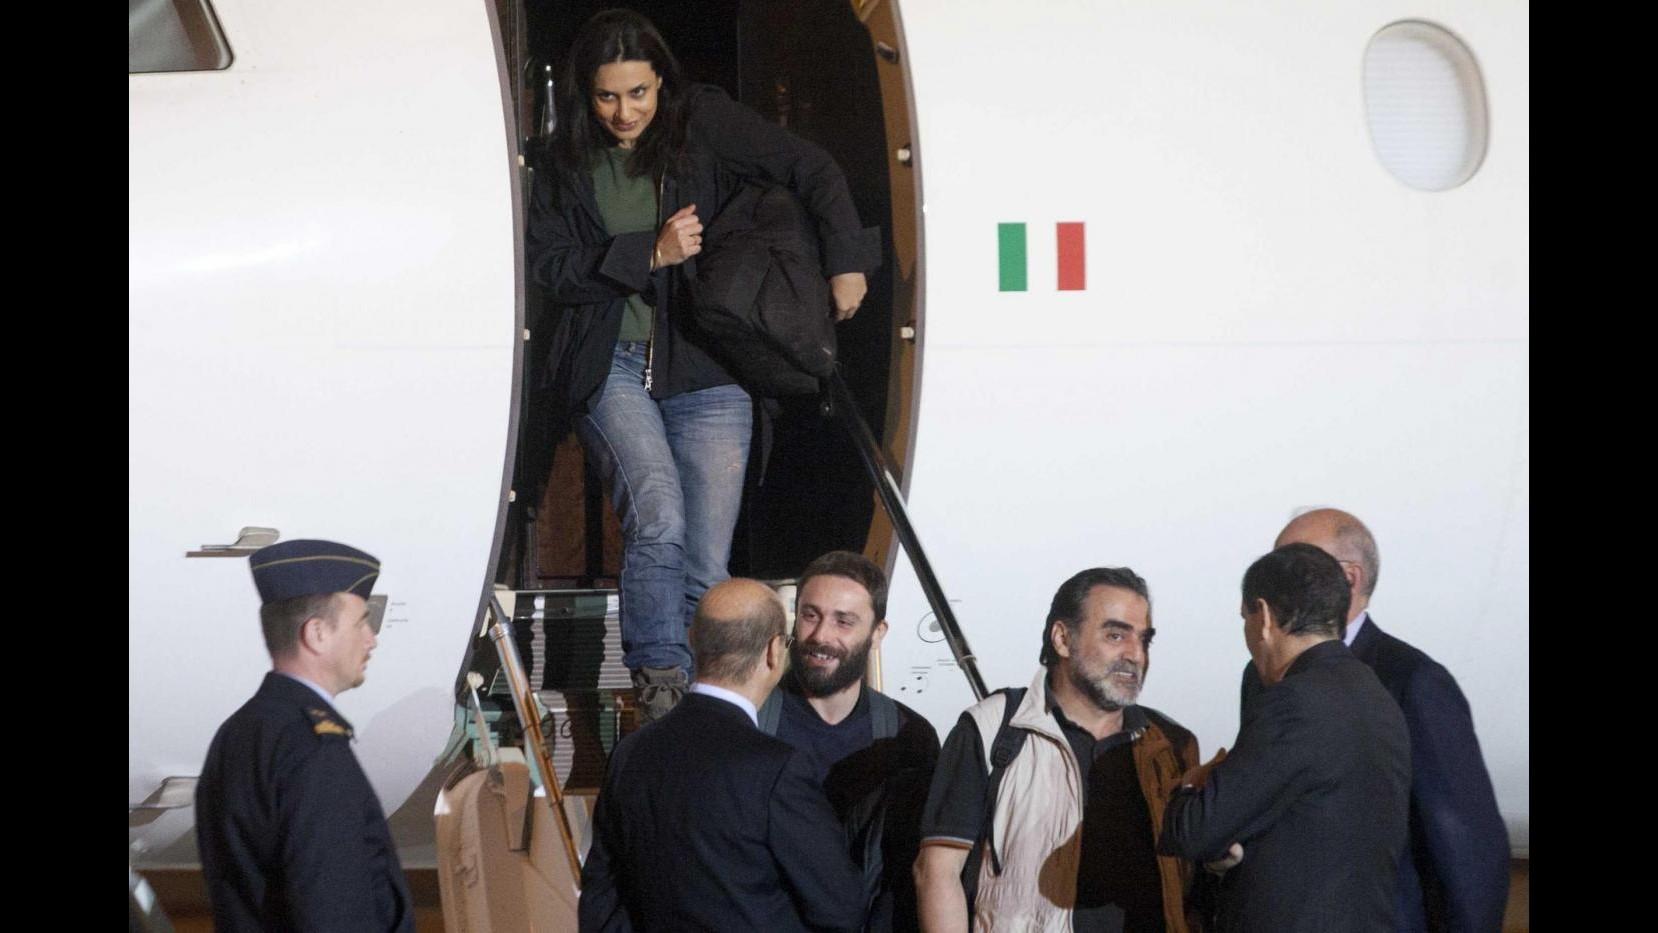 Siria, arrivati a Ciampino i 4 giornalisti italiani liberati oggi